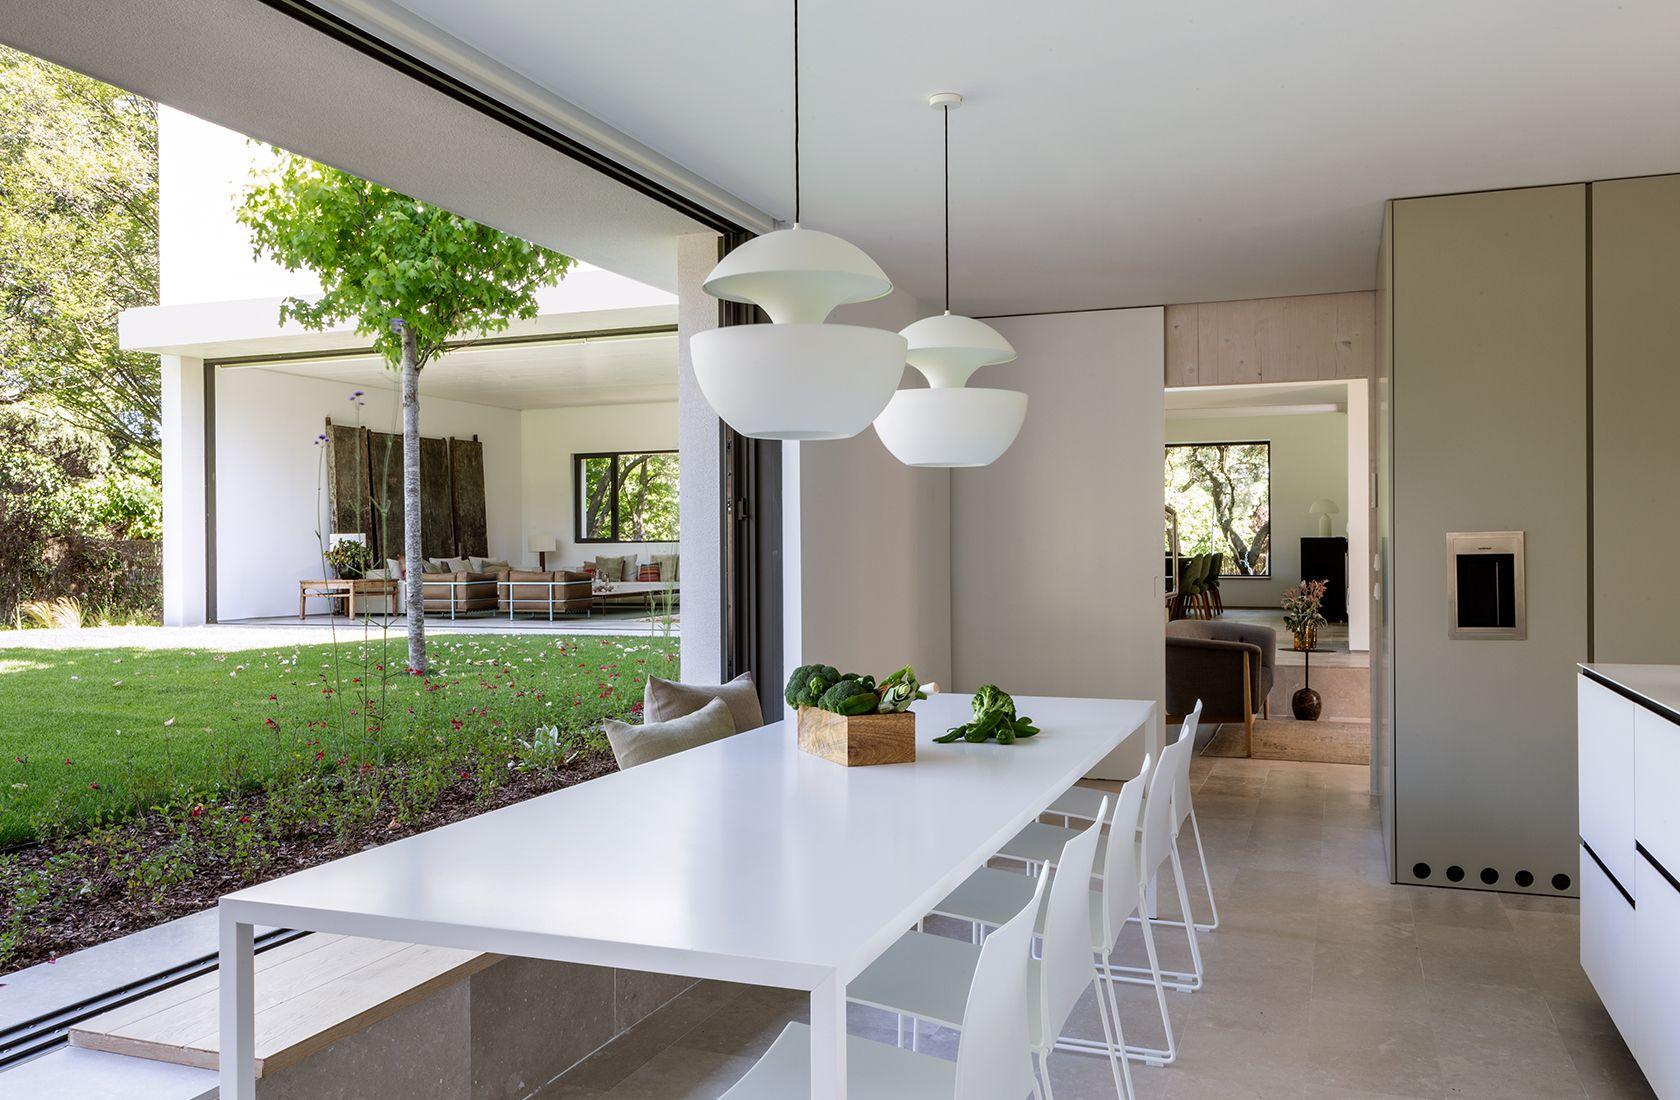 Cocina Vista Diseno Casas Pequenas La Vivienda Proyectos